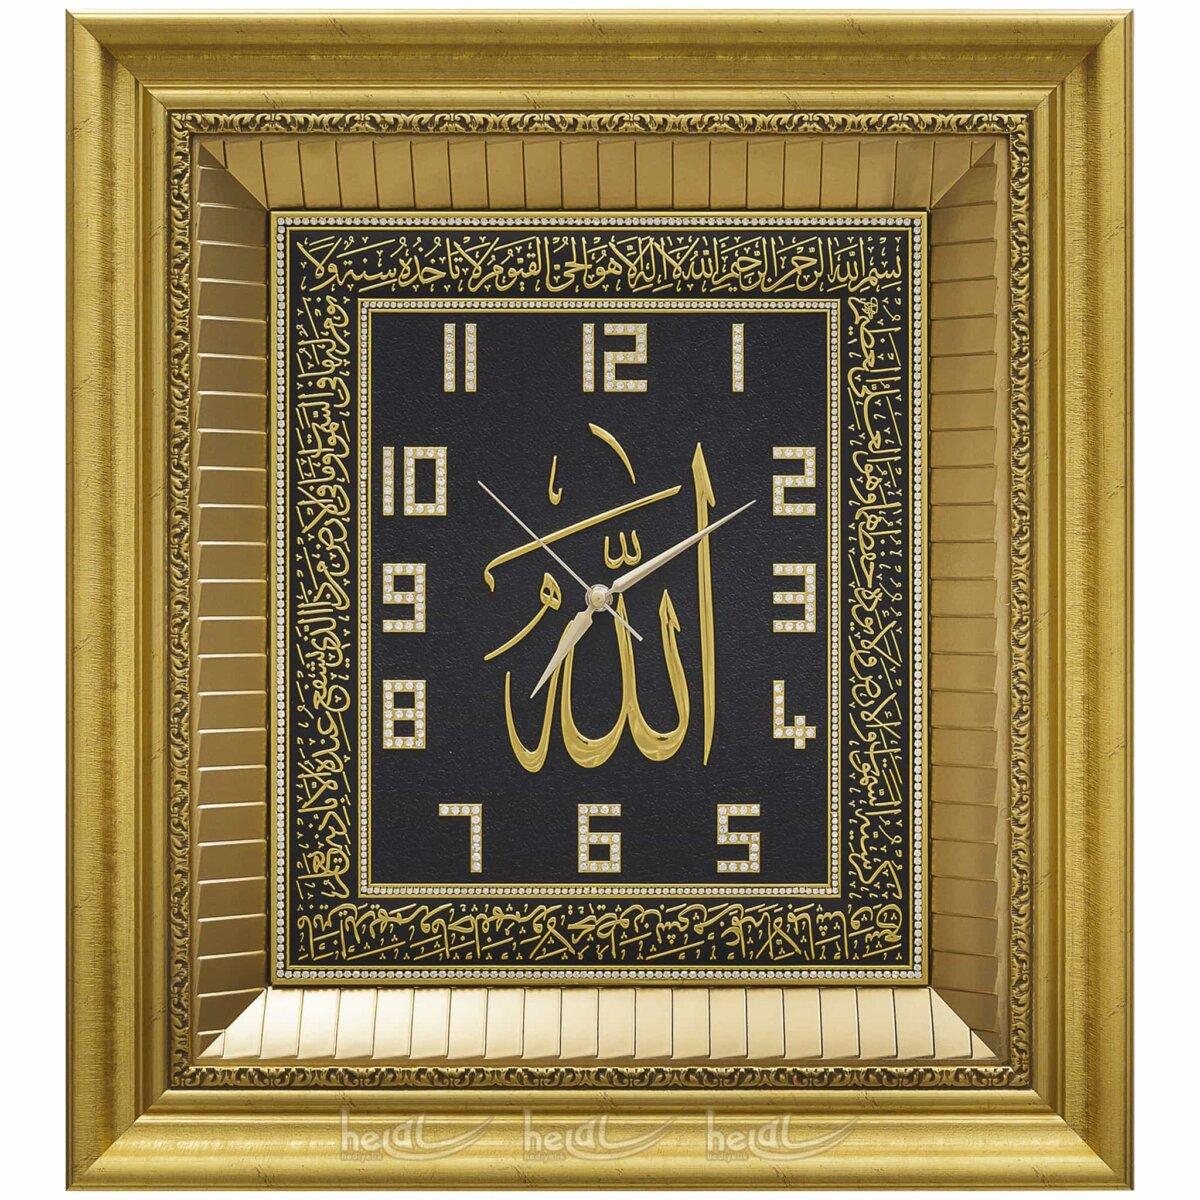 54x60cm Büyük Lüks Taşlı Ayetel Kürsi ve Allah cc. Lafzlı Duvar Saati Tablo Saatler